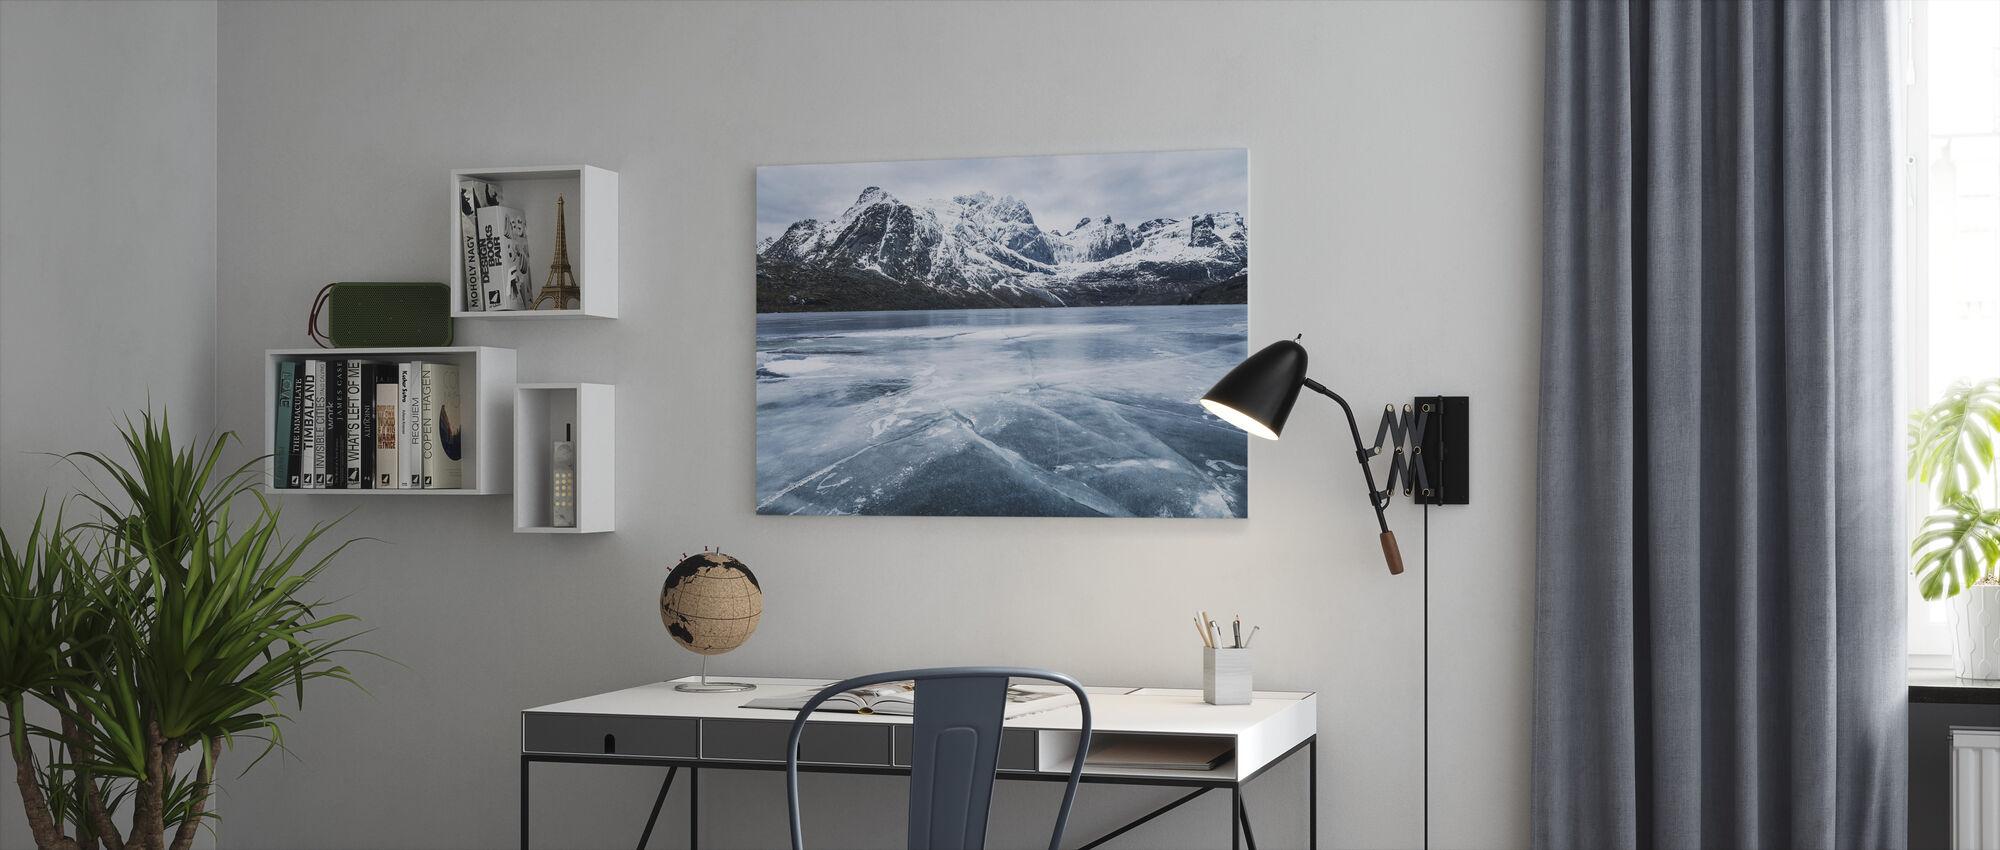 Jäätynyt Vesi- ja vuorijono - Canvastaulu - Toimisto